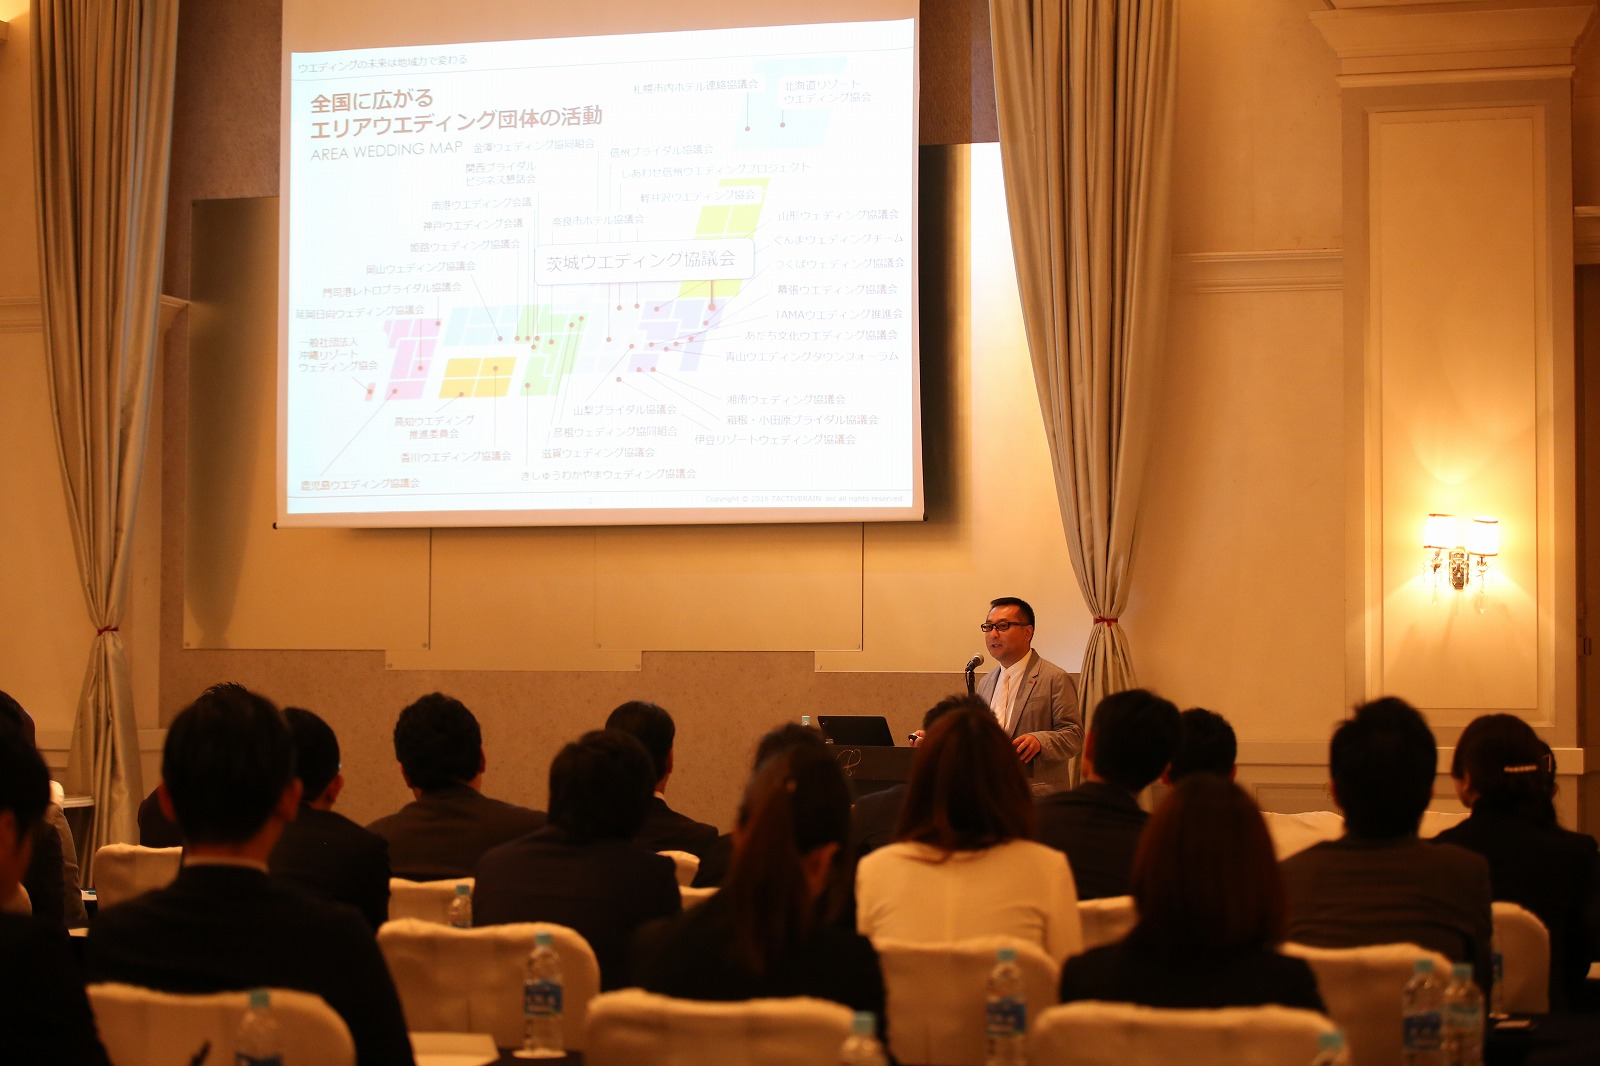 富山県ウエディング協会第一回総会 開催のご案内